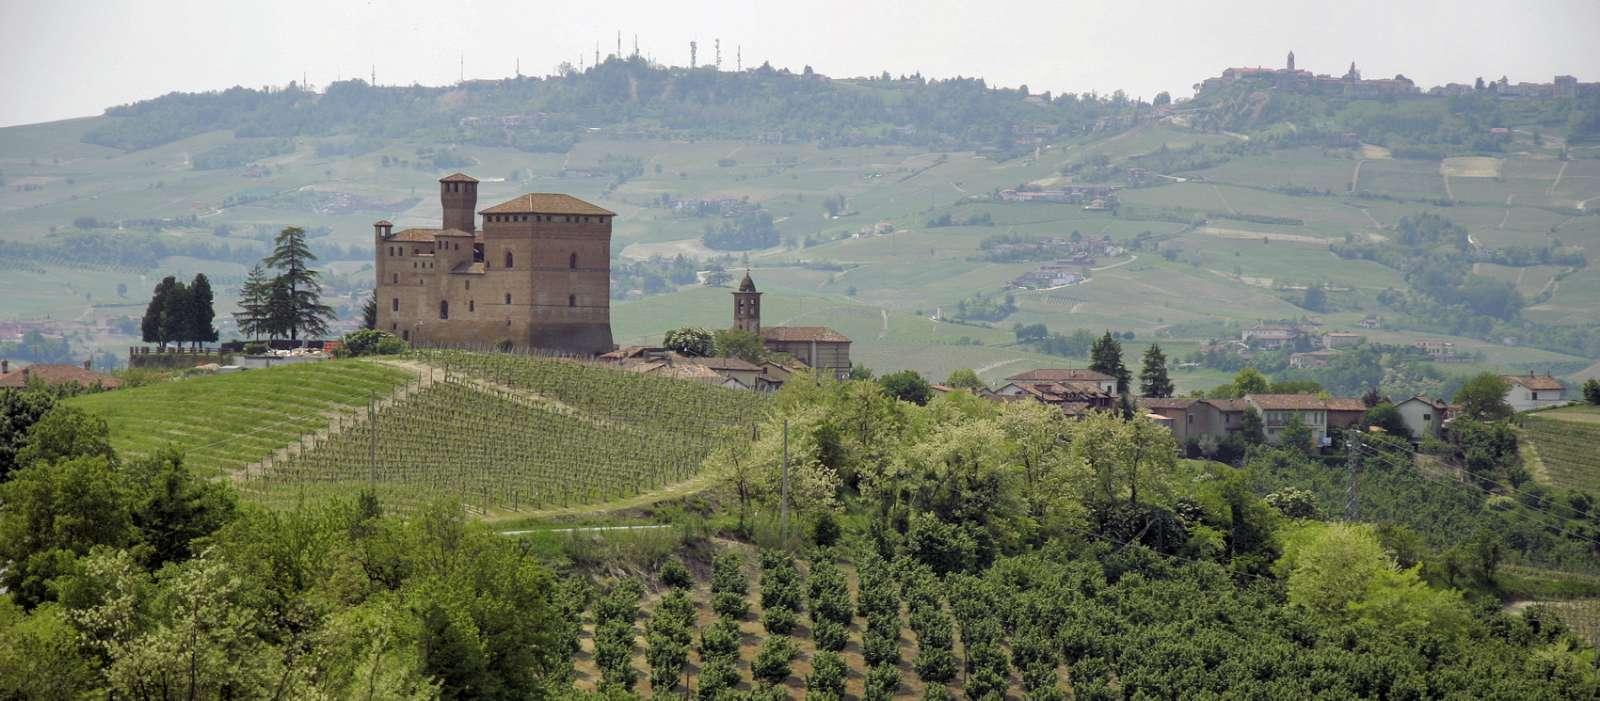 Fästningen Grinzane Cavour